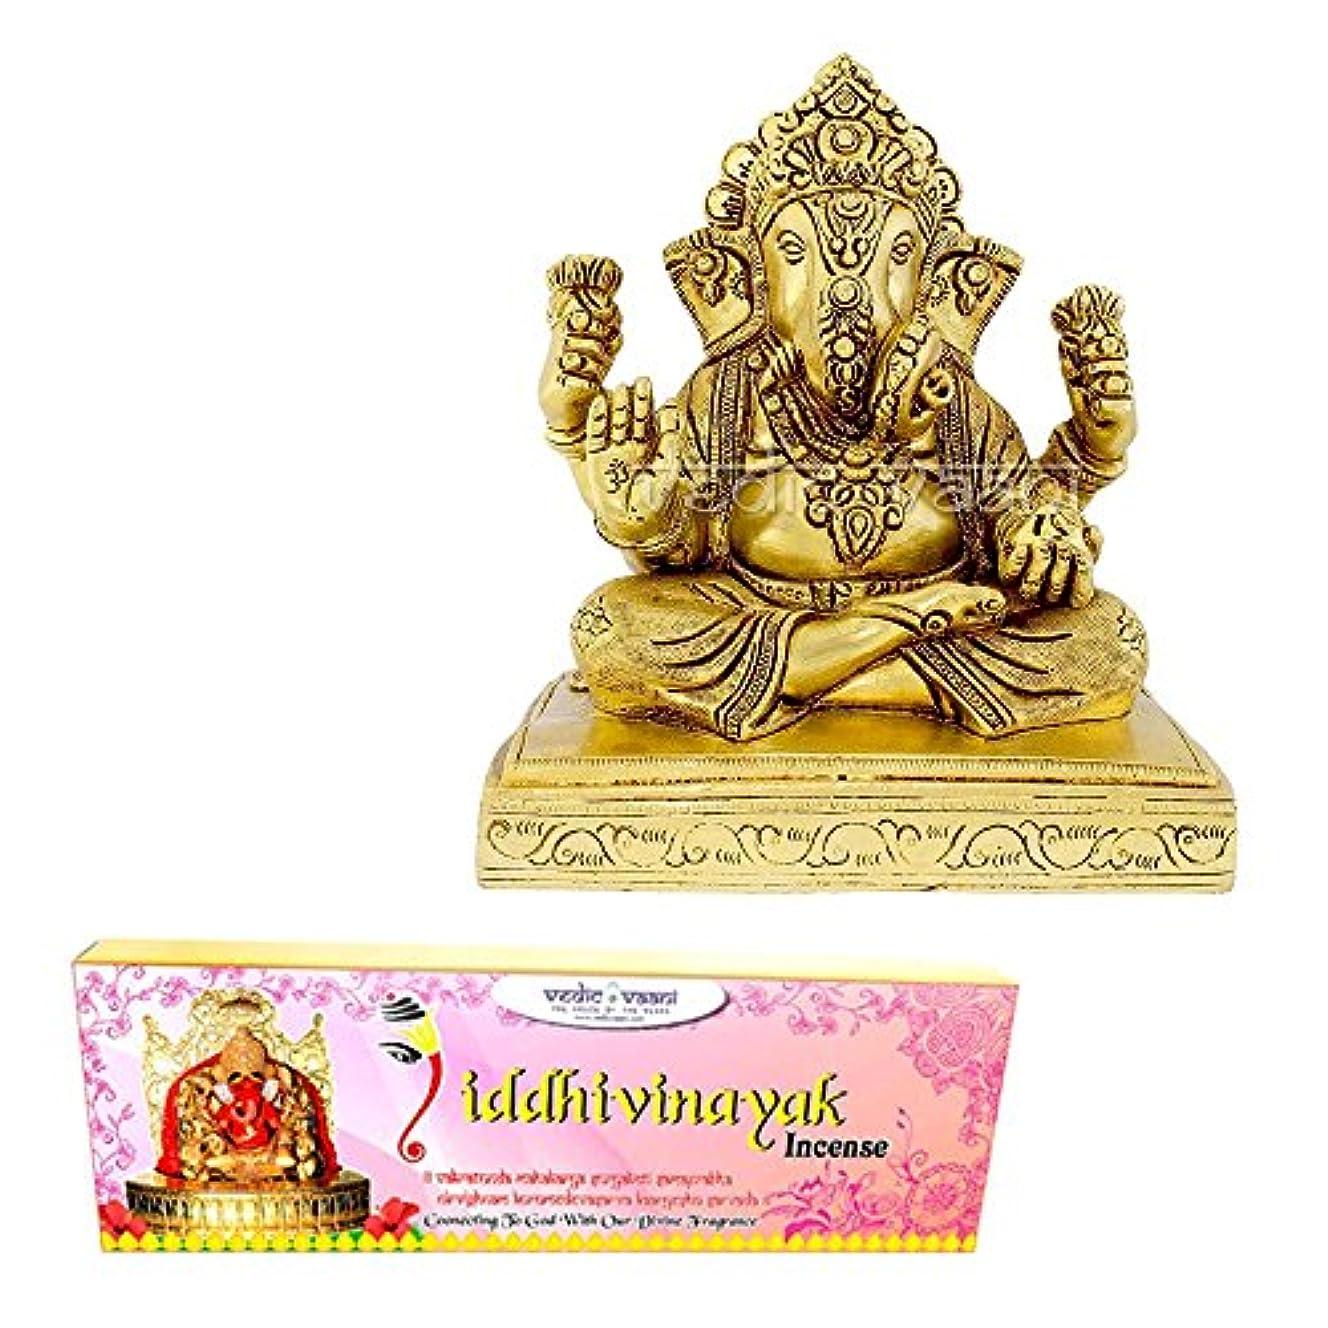 バンドル可愛い特徴Vedic Vaani Dagadusheth Ganpati Bappa Fine Idol In Brass With Siddhi Vinayak Incense